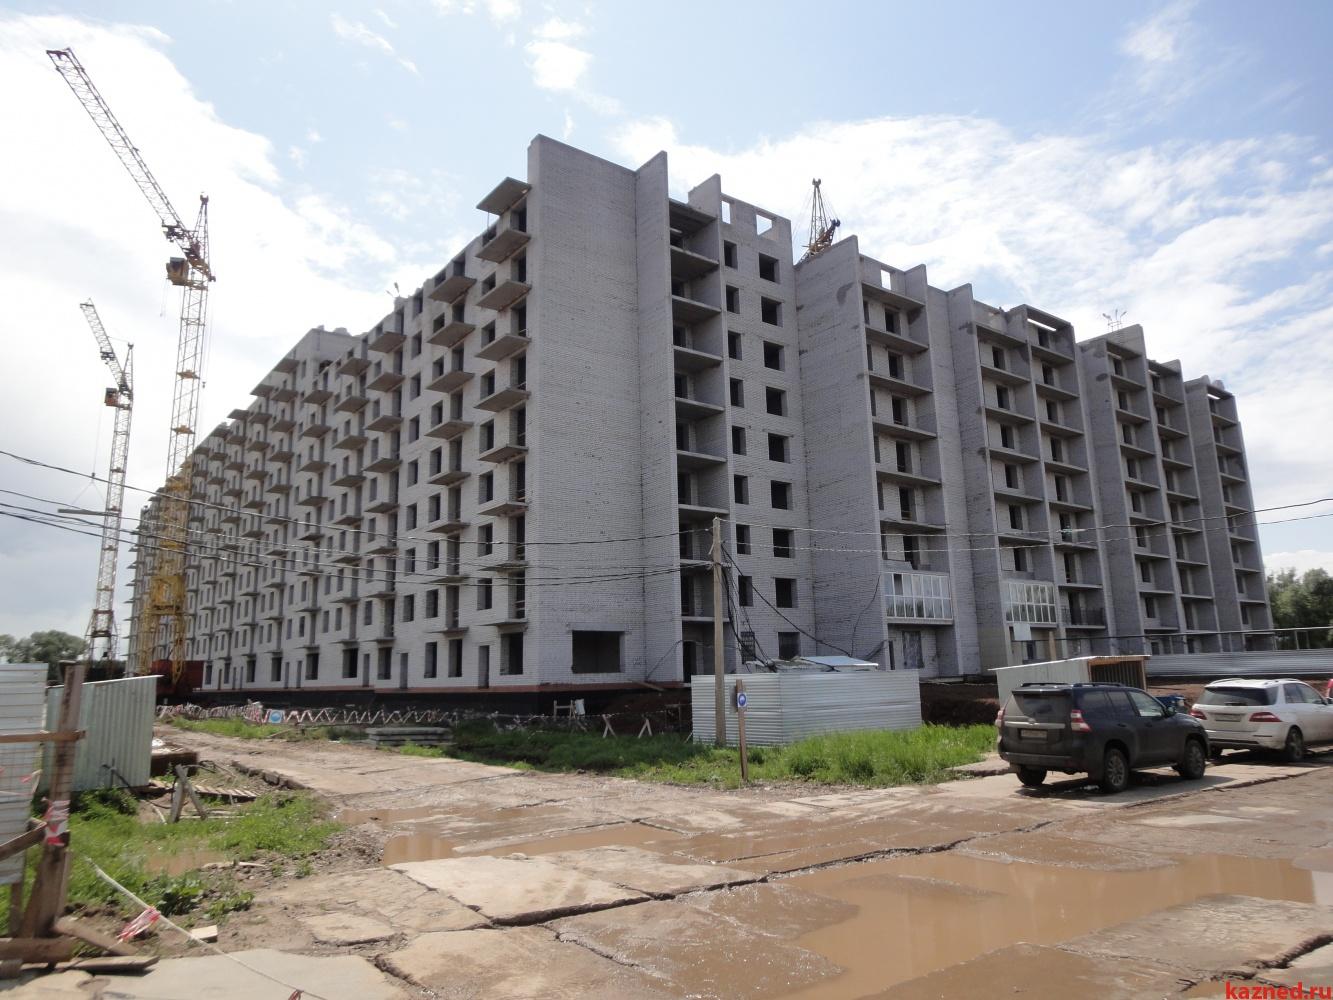 Продажа 1-к квартиры Мамадышский тракт, 36 м²  (миниатюра №1)